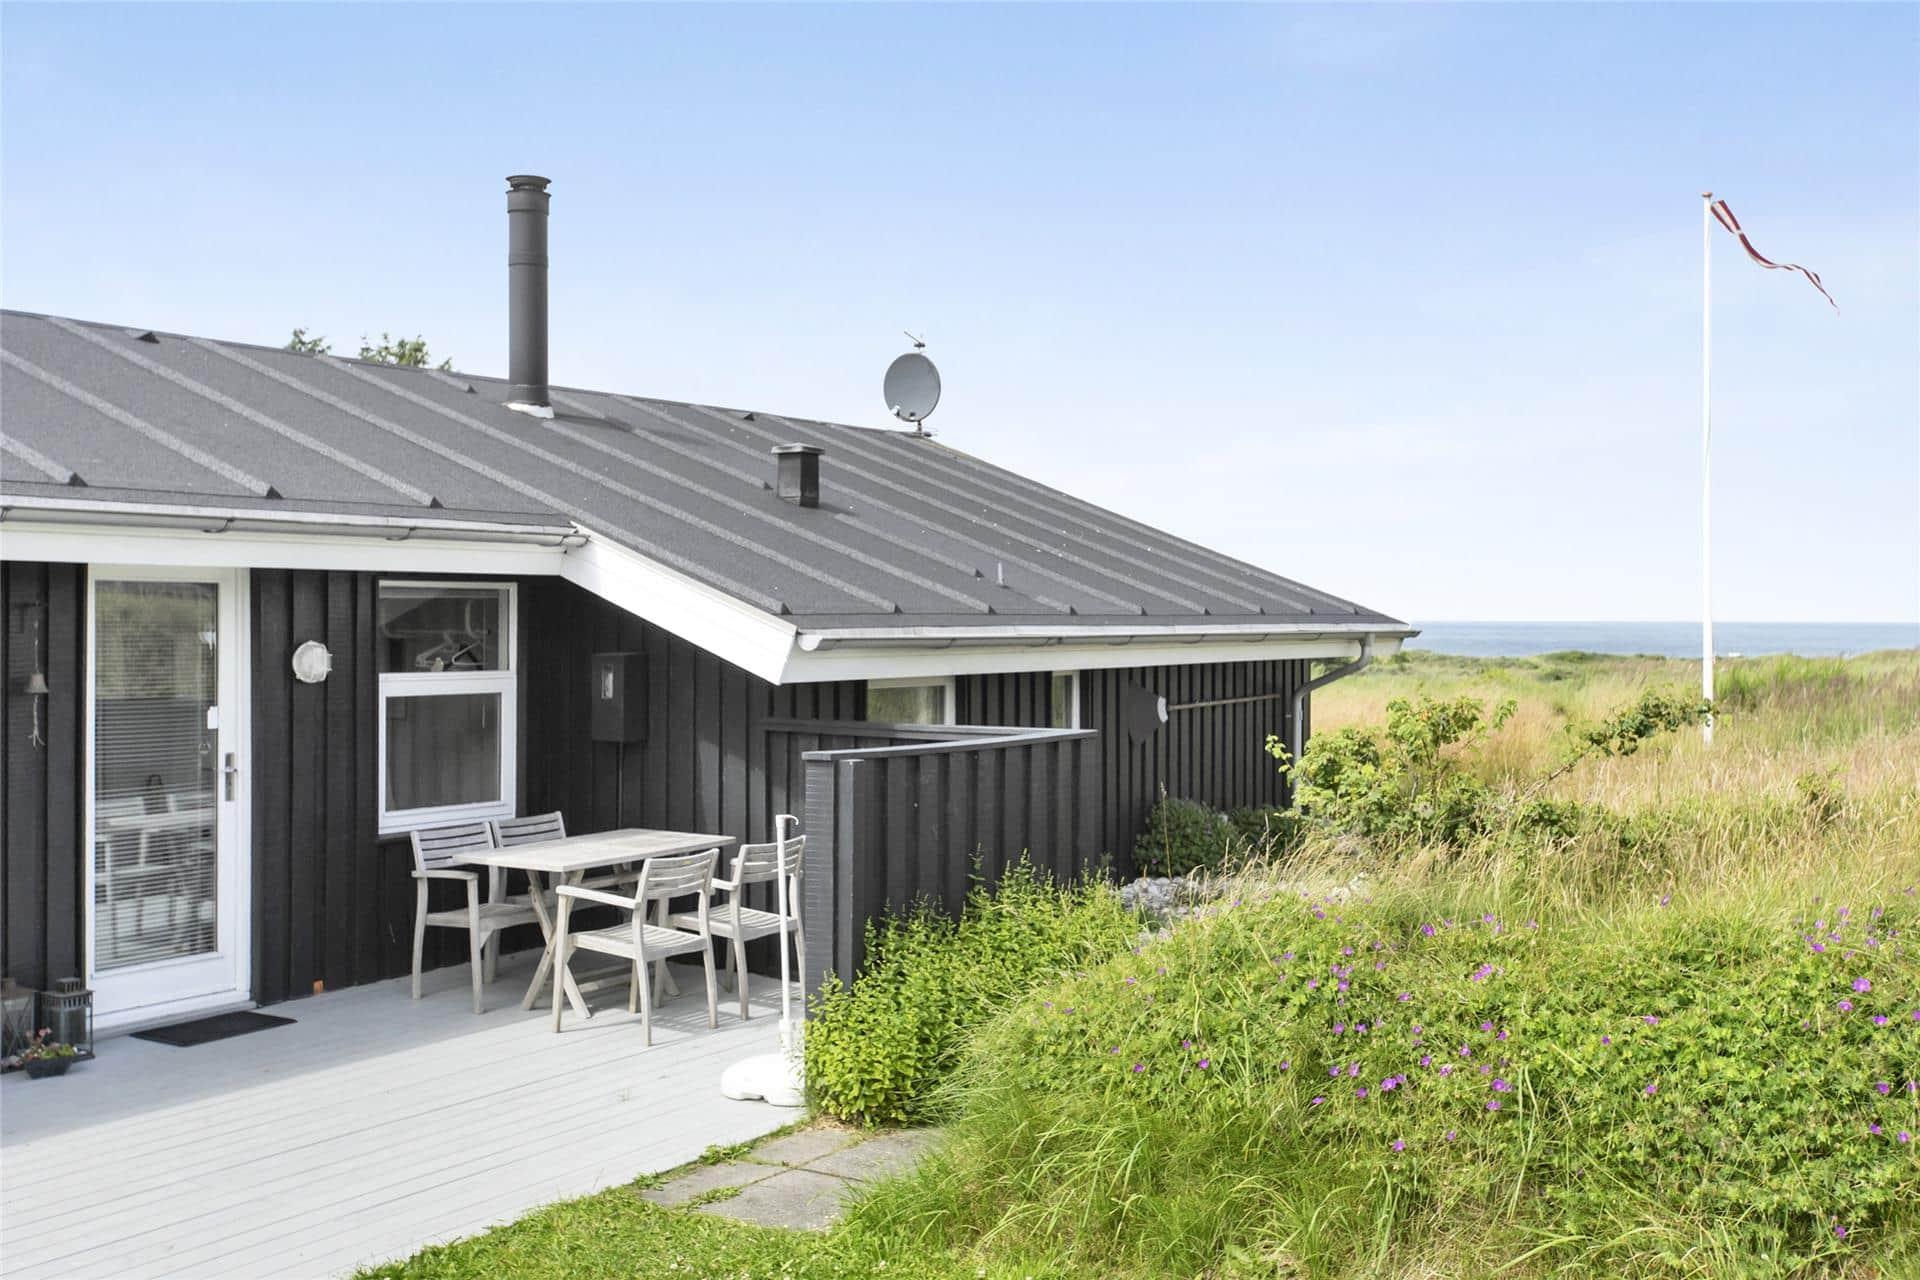 Bild 1-148 Ferienhaus TV1244, Nordlysvej 20, DK - 9881 Bindslev